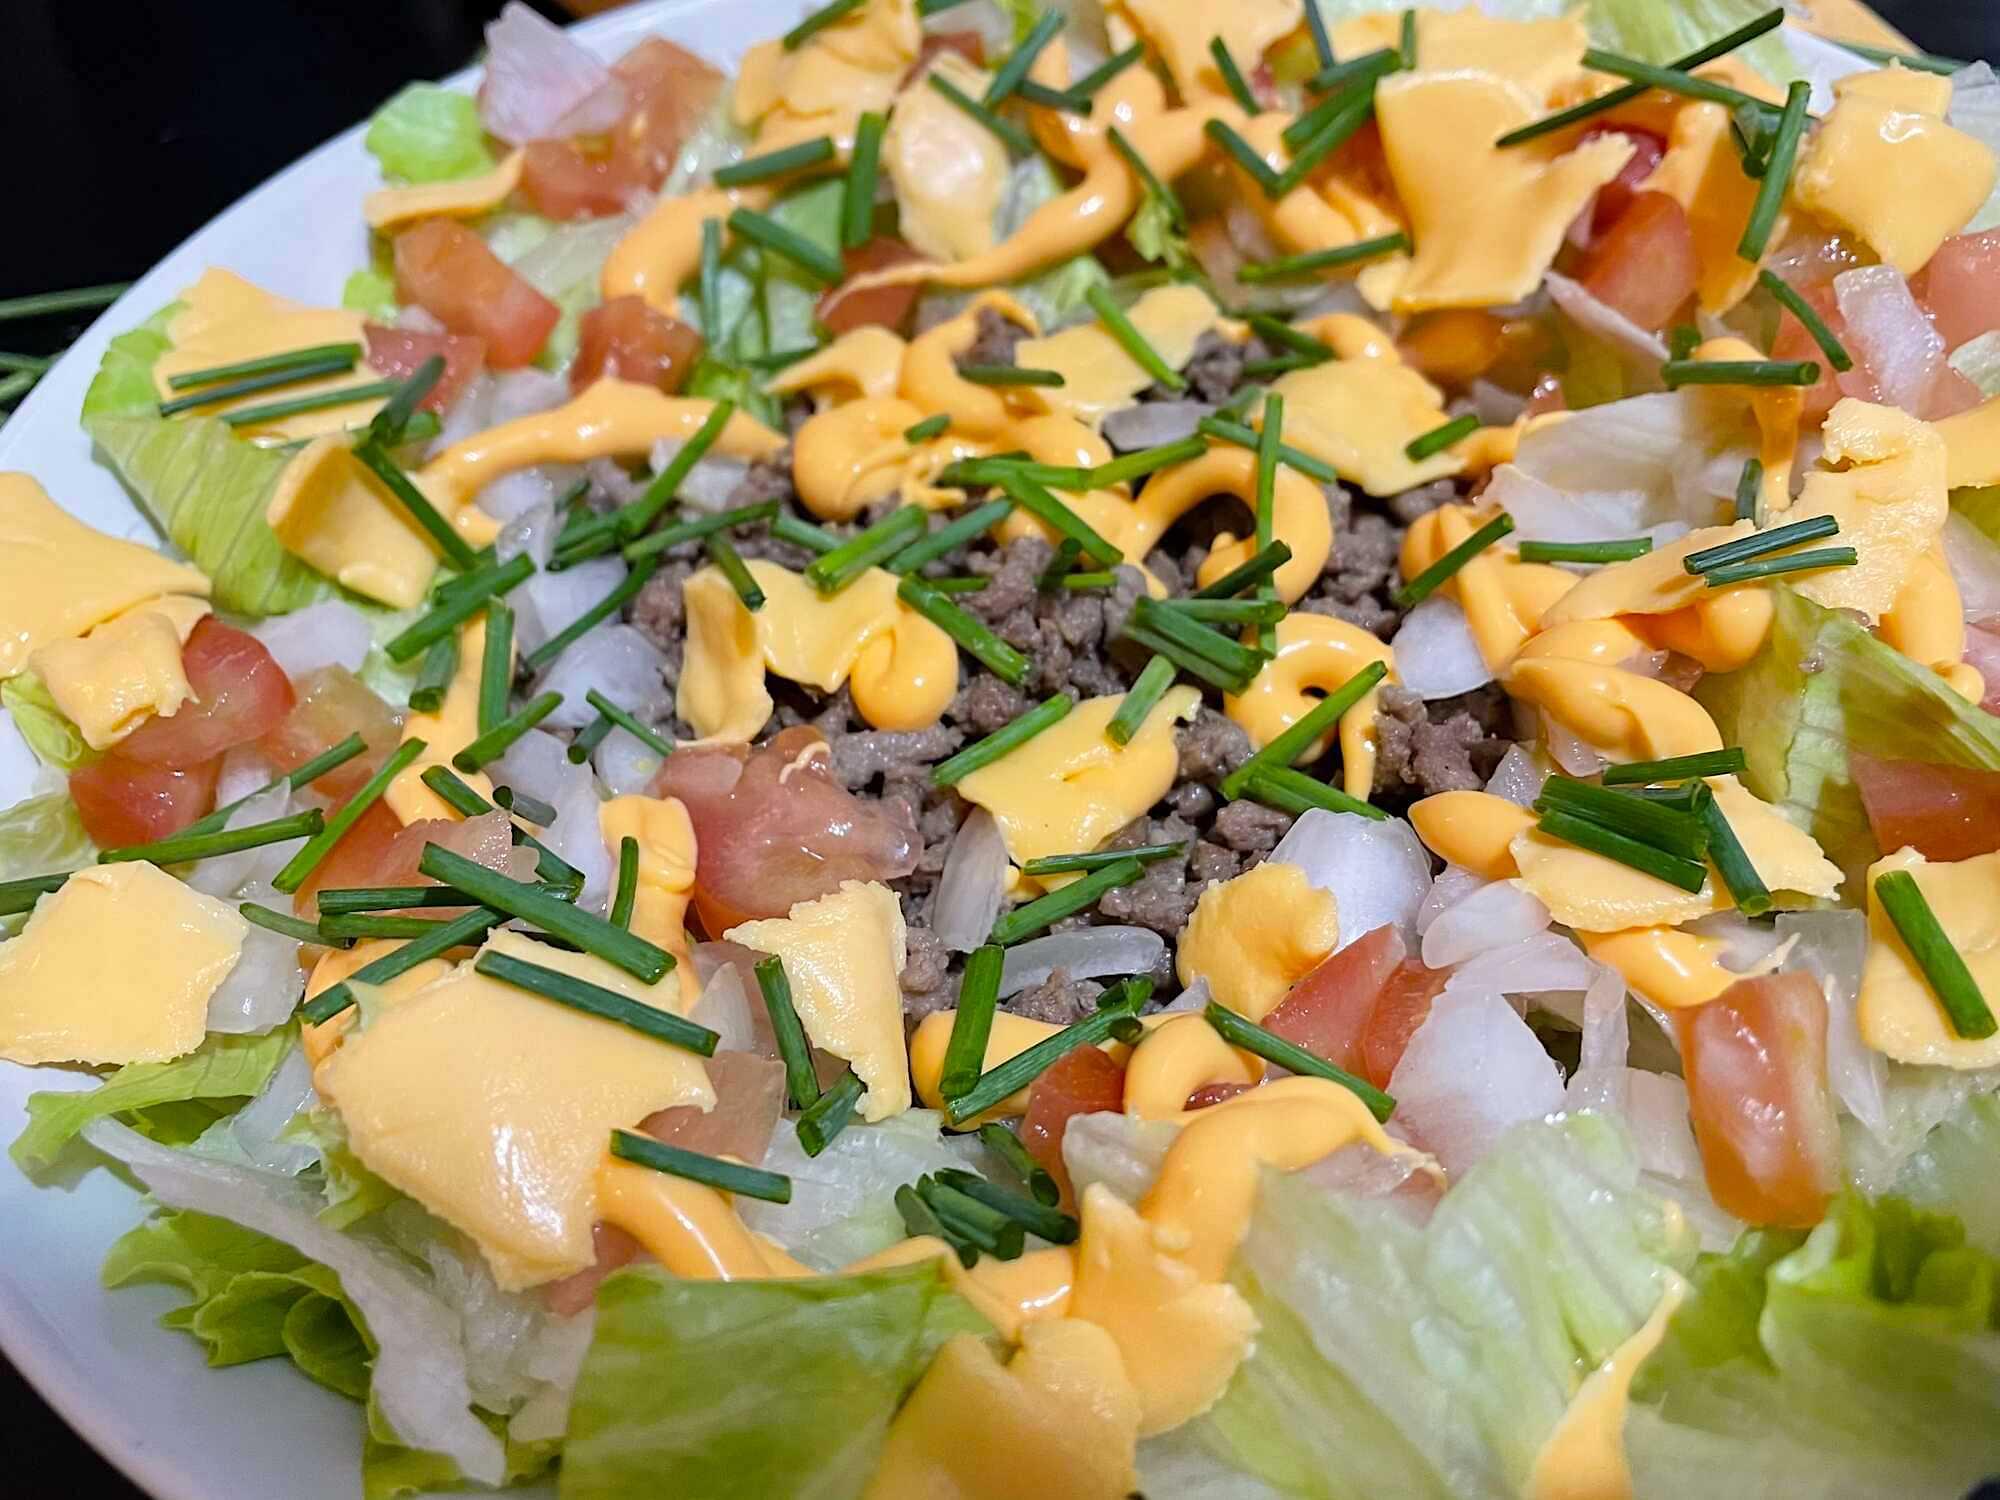 Tous les ingrédients de cette salade façon burger sont disposée sur un plat de couleur blanc. La ciboulette participe à l'effet visuel.